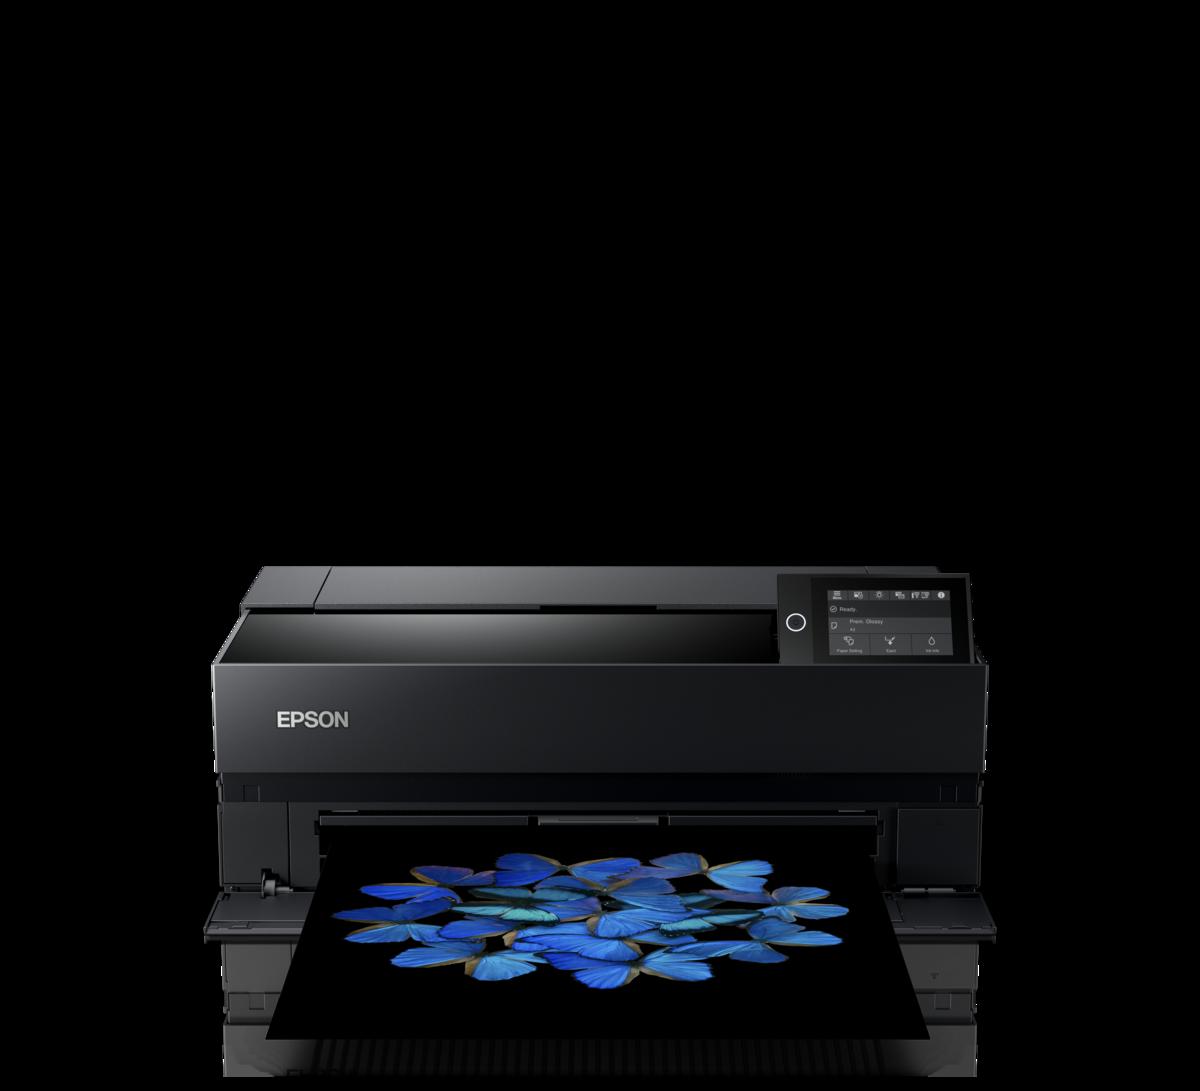 Epson SureColor SC-P903 A2 Professional Photo Printer